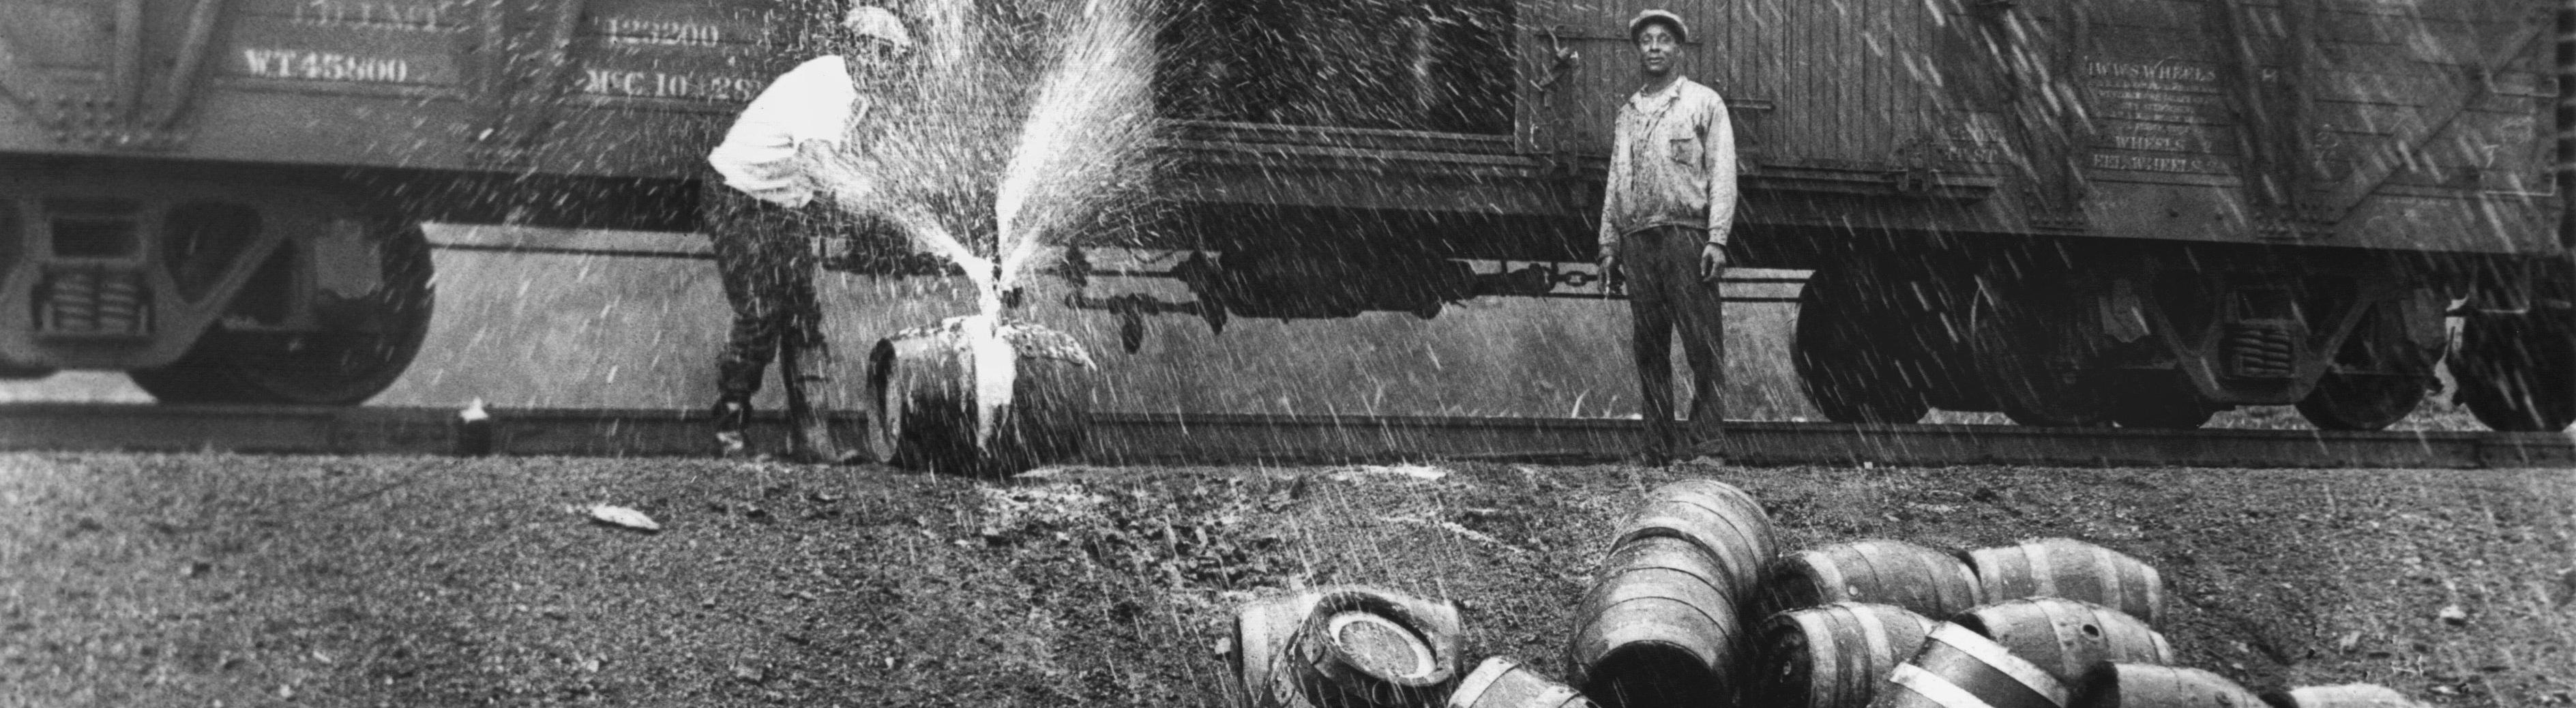 Zerstörung von Bierfässern, die in einem Güterwaggon als Schmieröl deklariert und beschriftet waren.